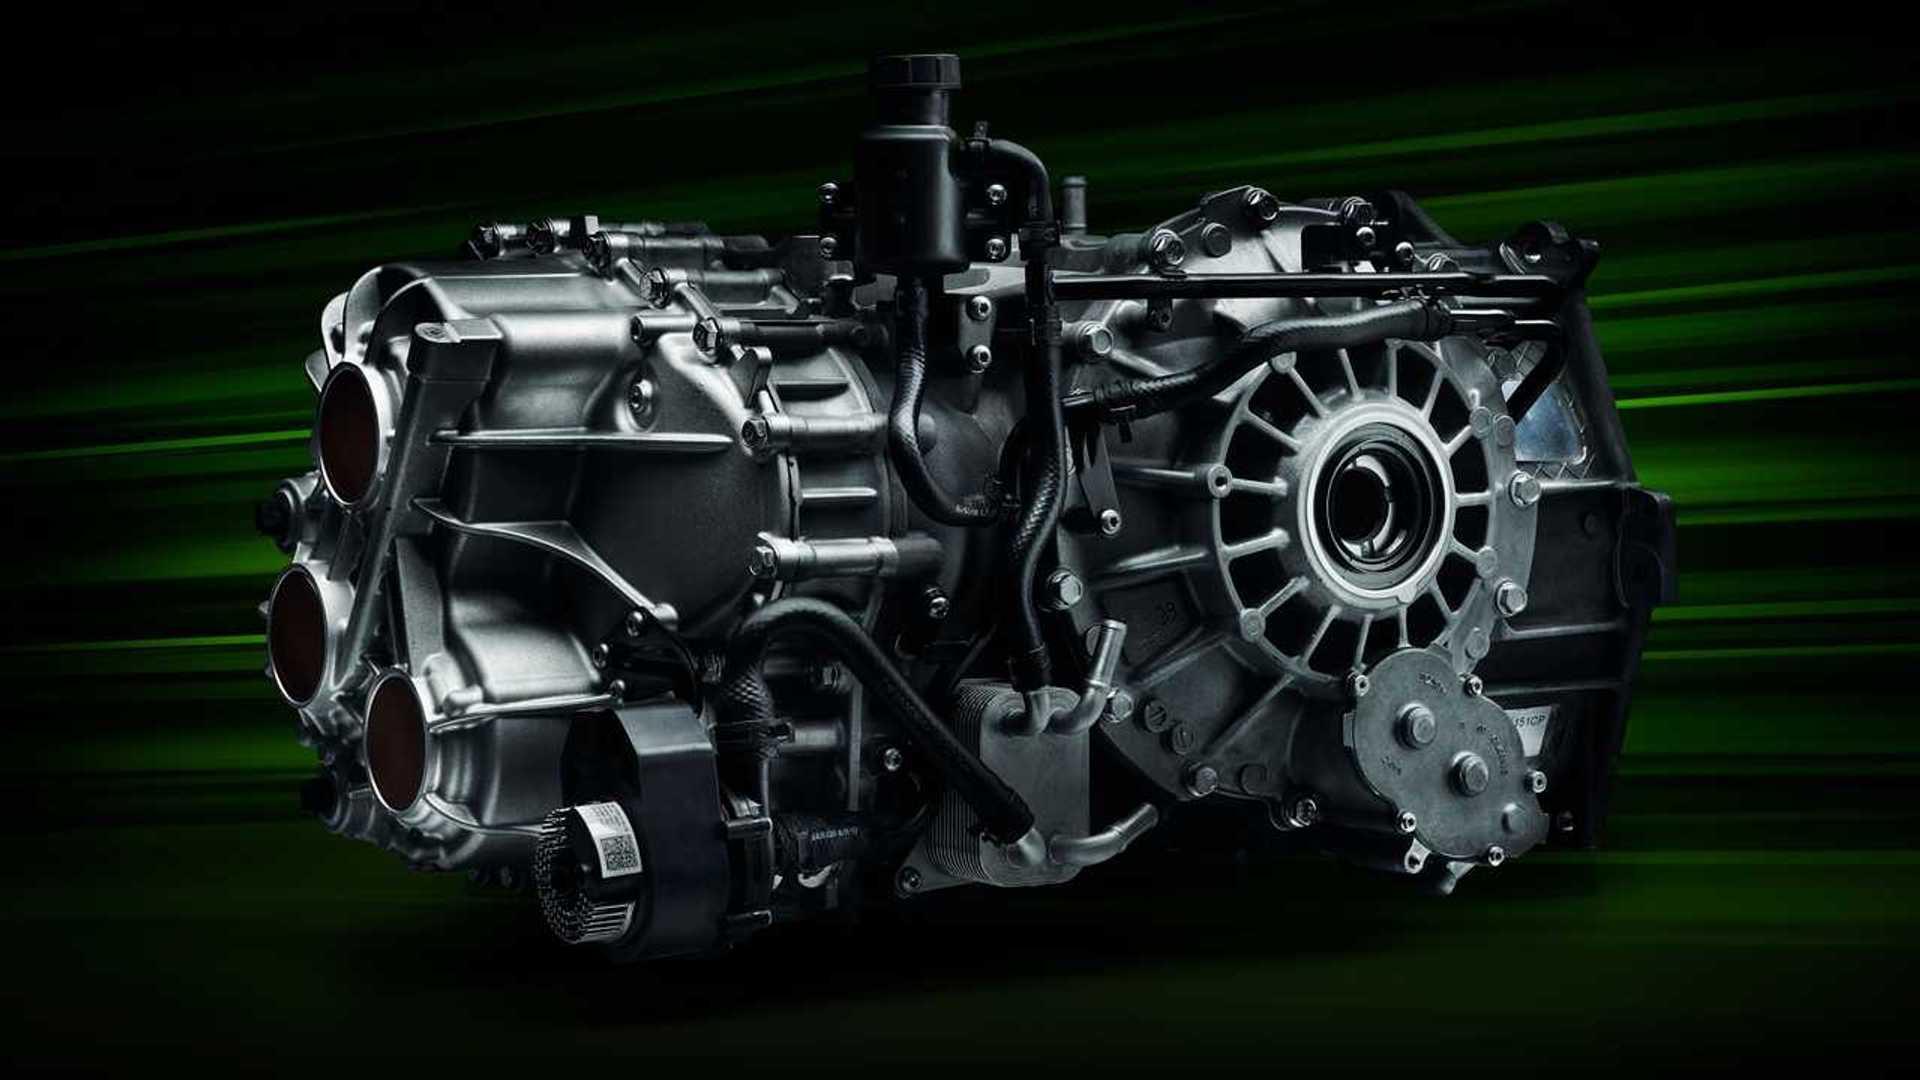 2022 McLaren Artura Transmission